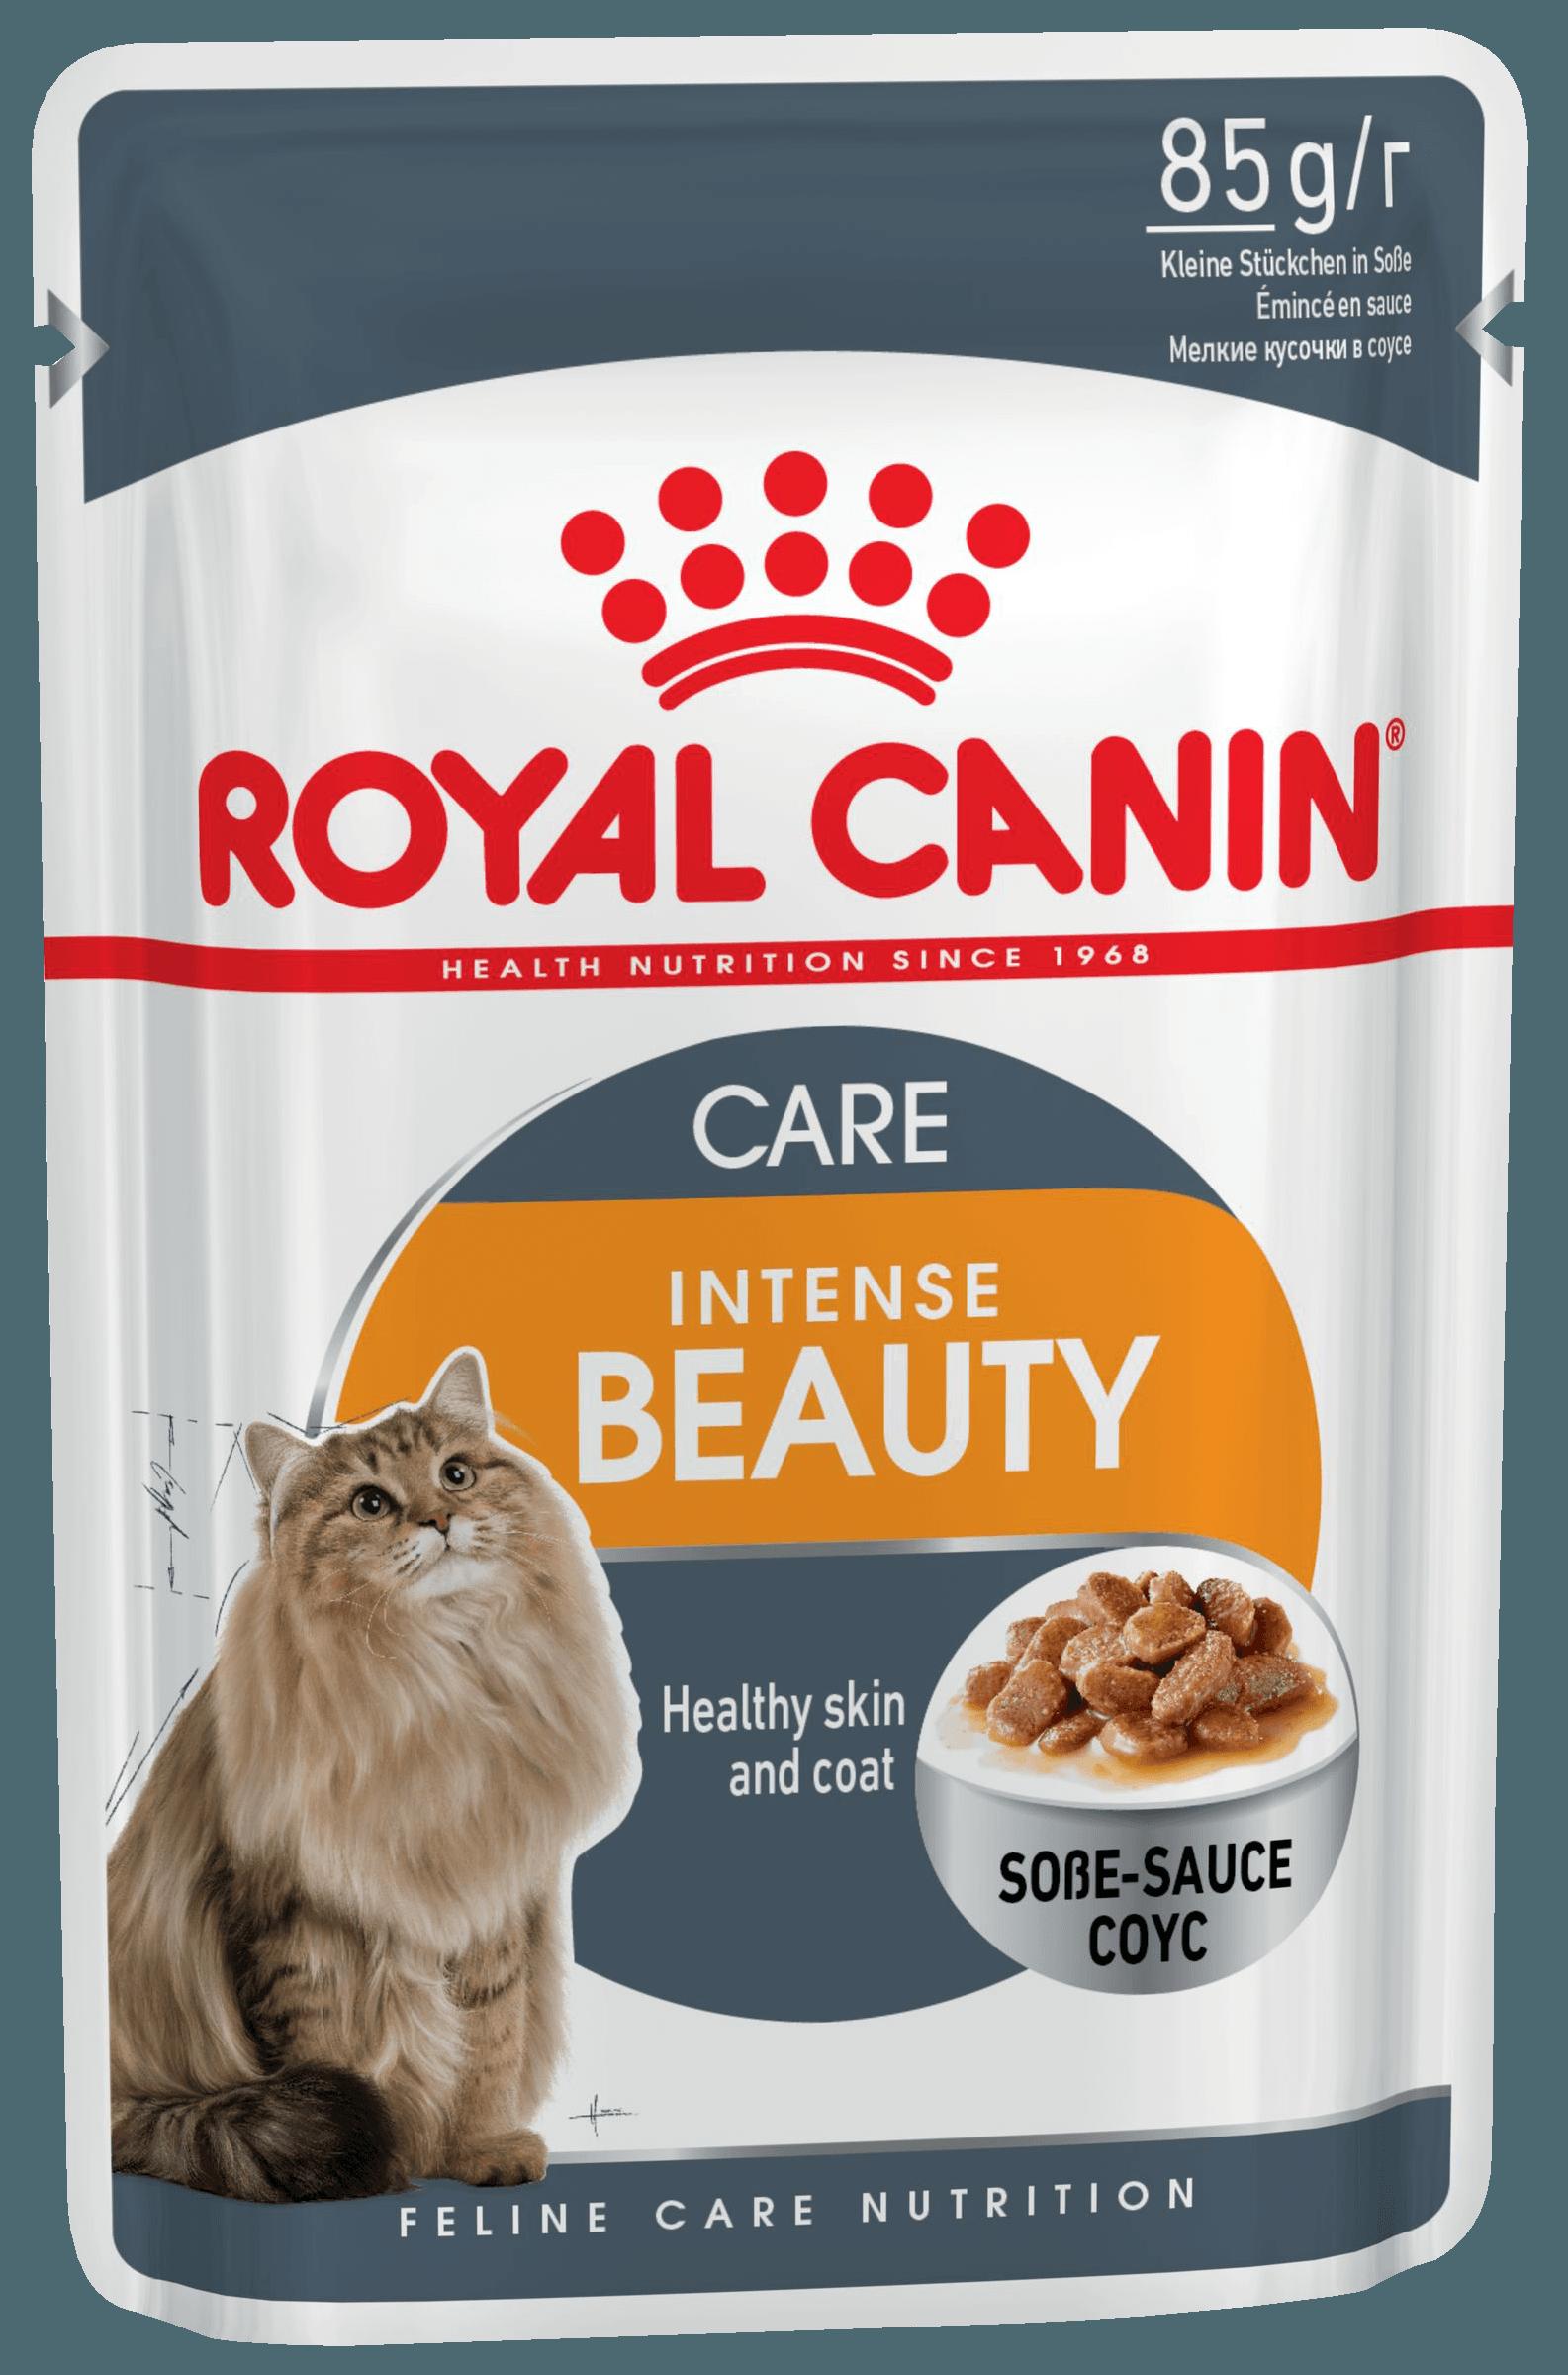 Royal Canin для поддержания красоты шерсти кошек